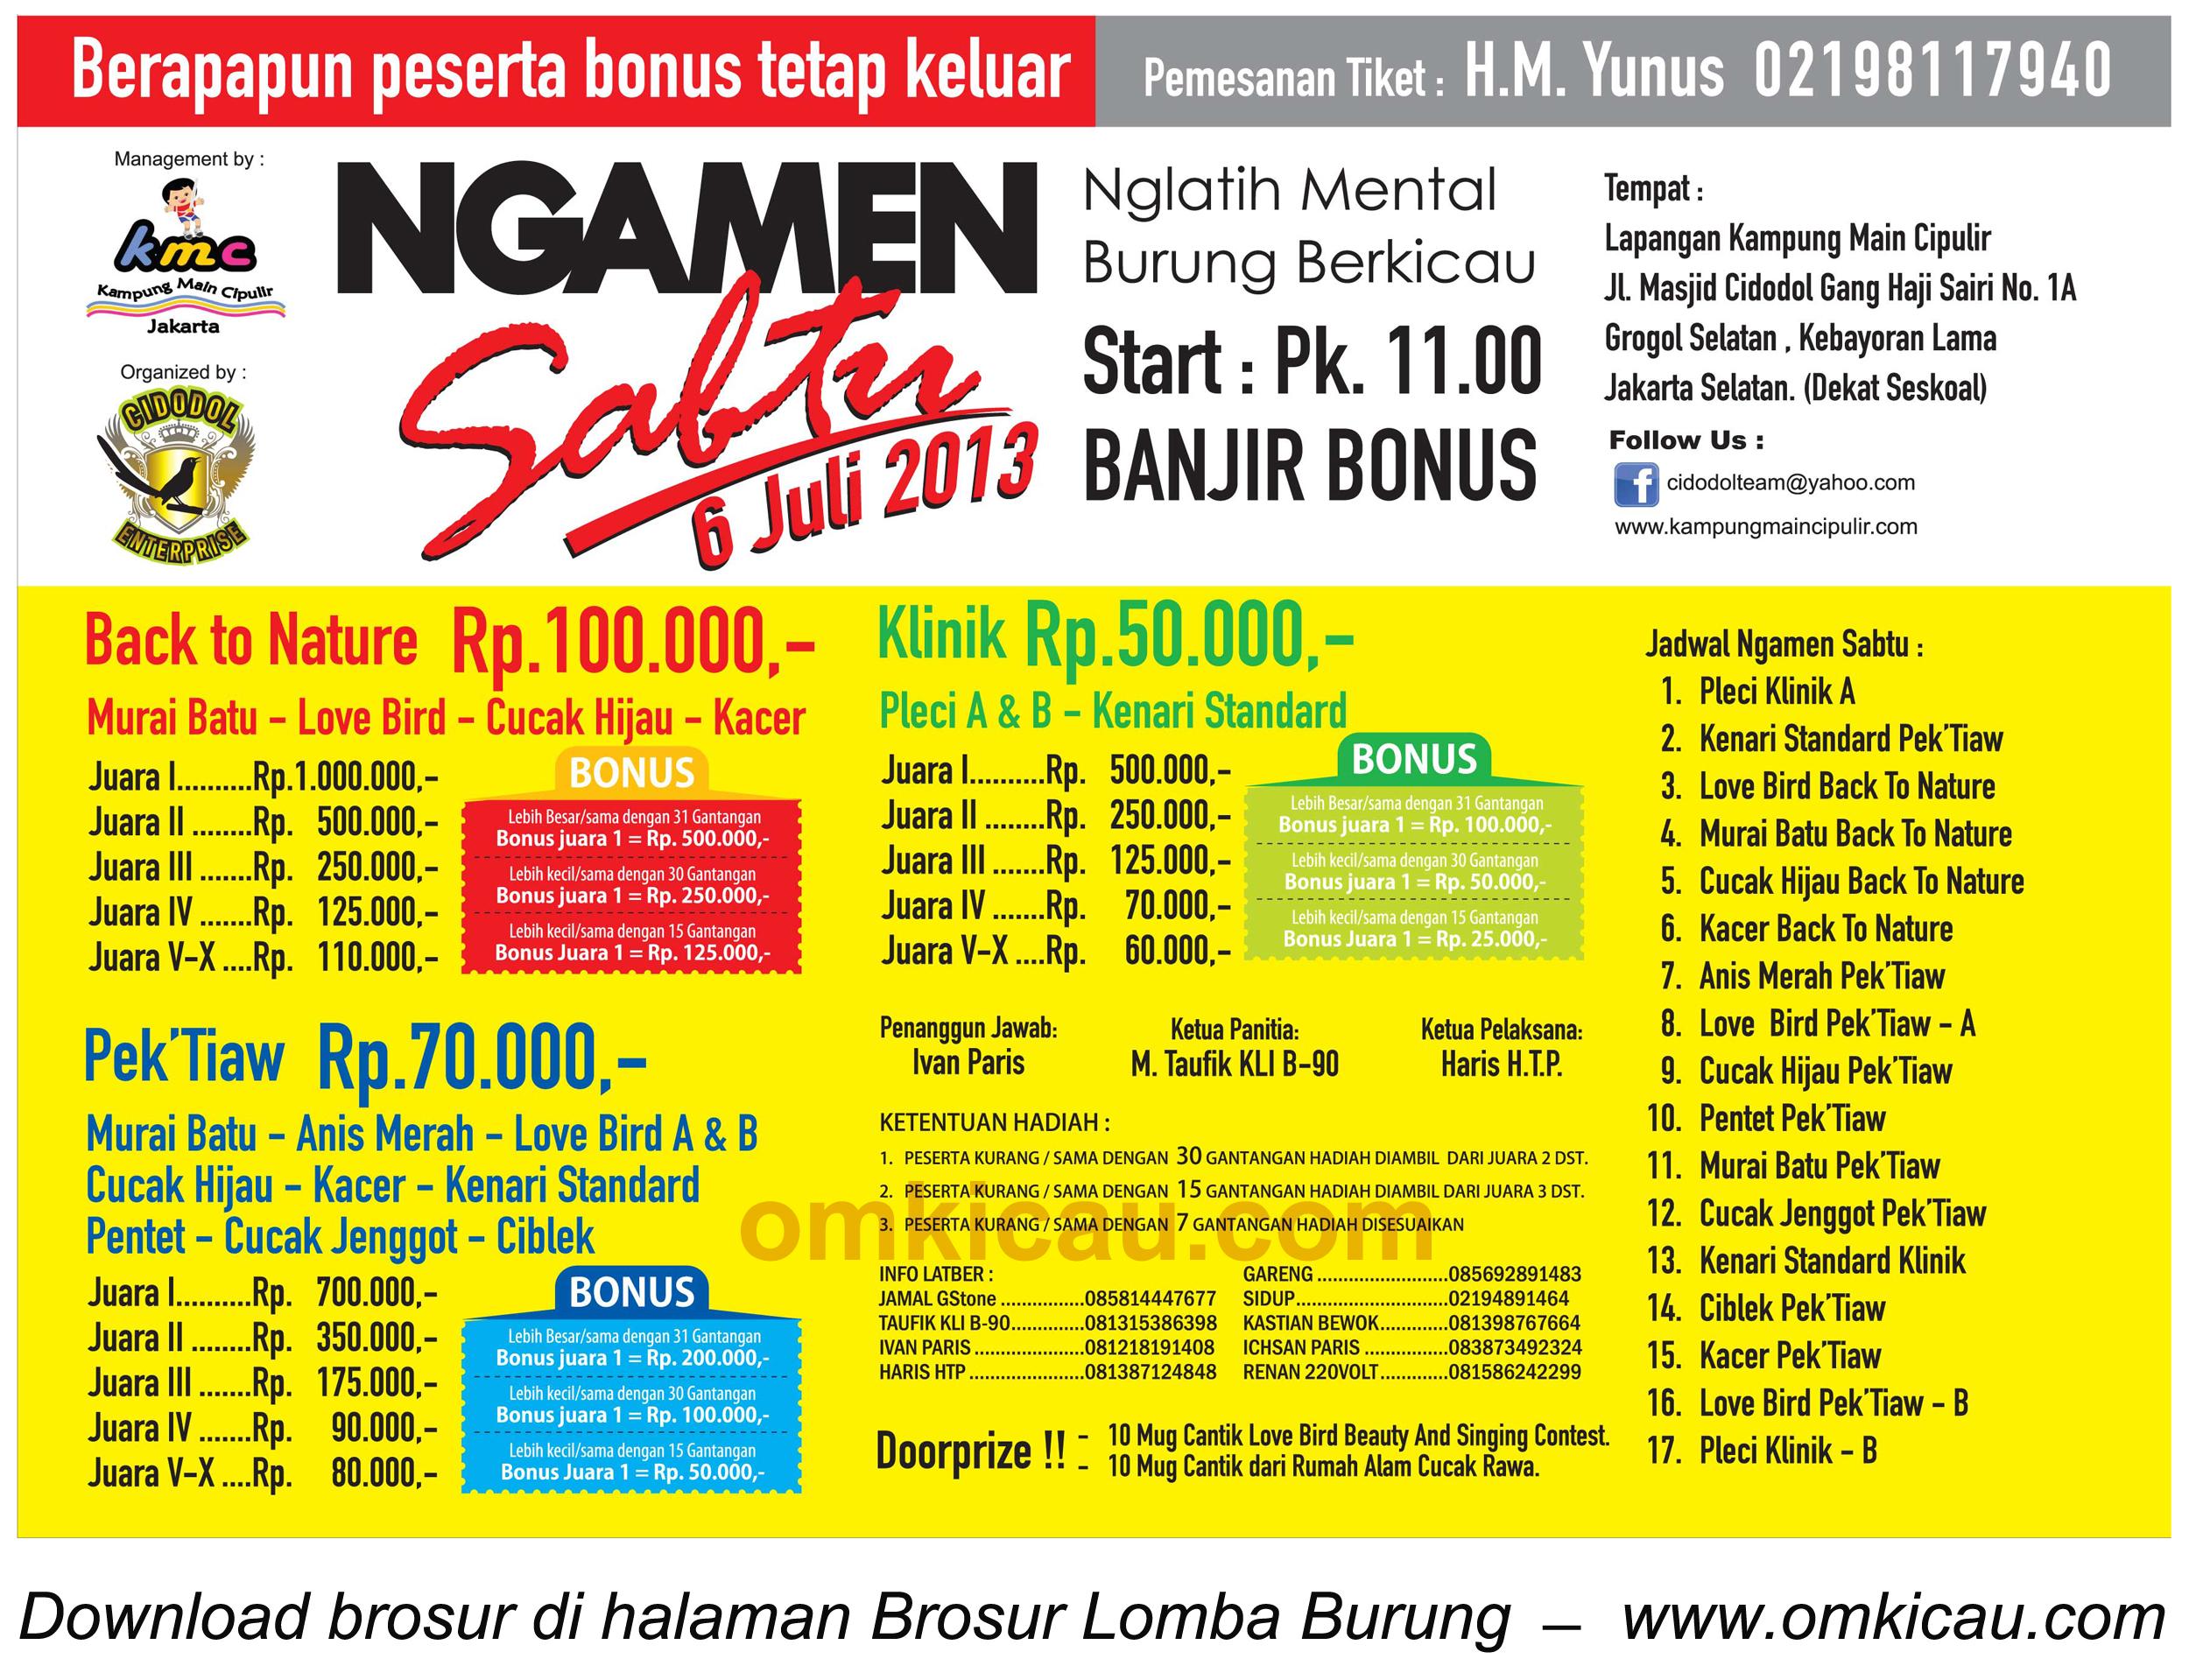 Brosur Lomba Burung Ngamen, KMC Jakarta, 6 Juli 2013